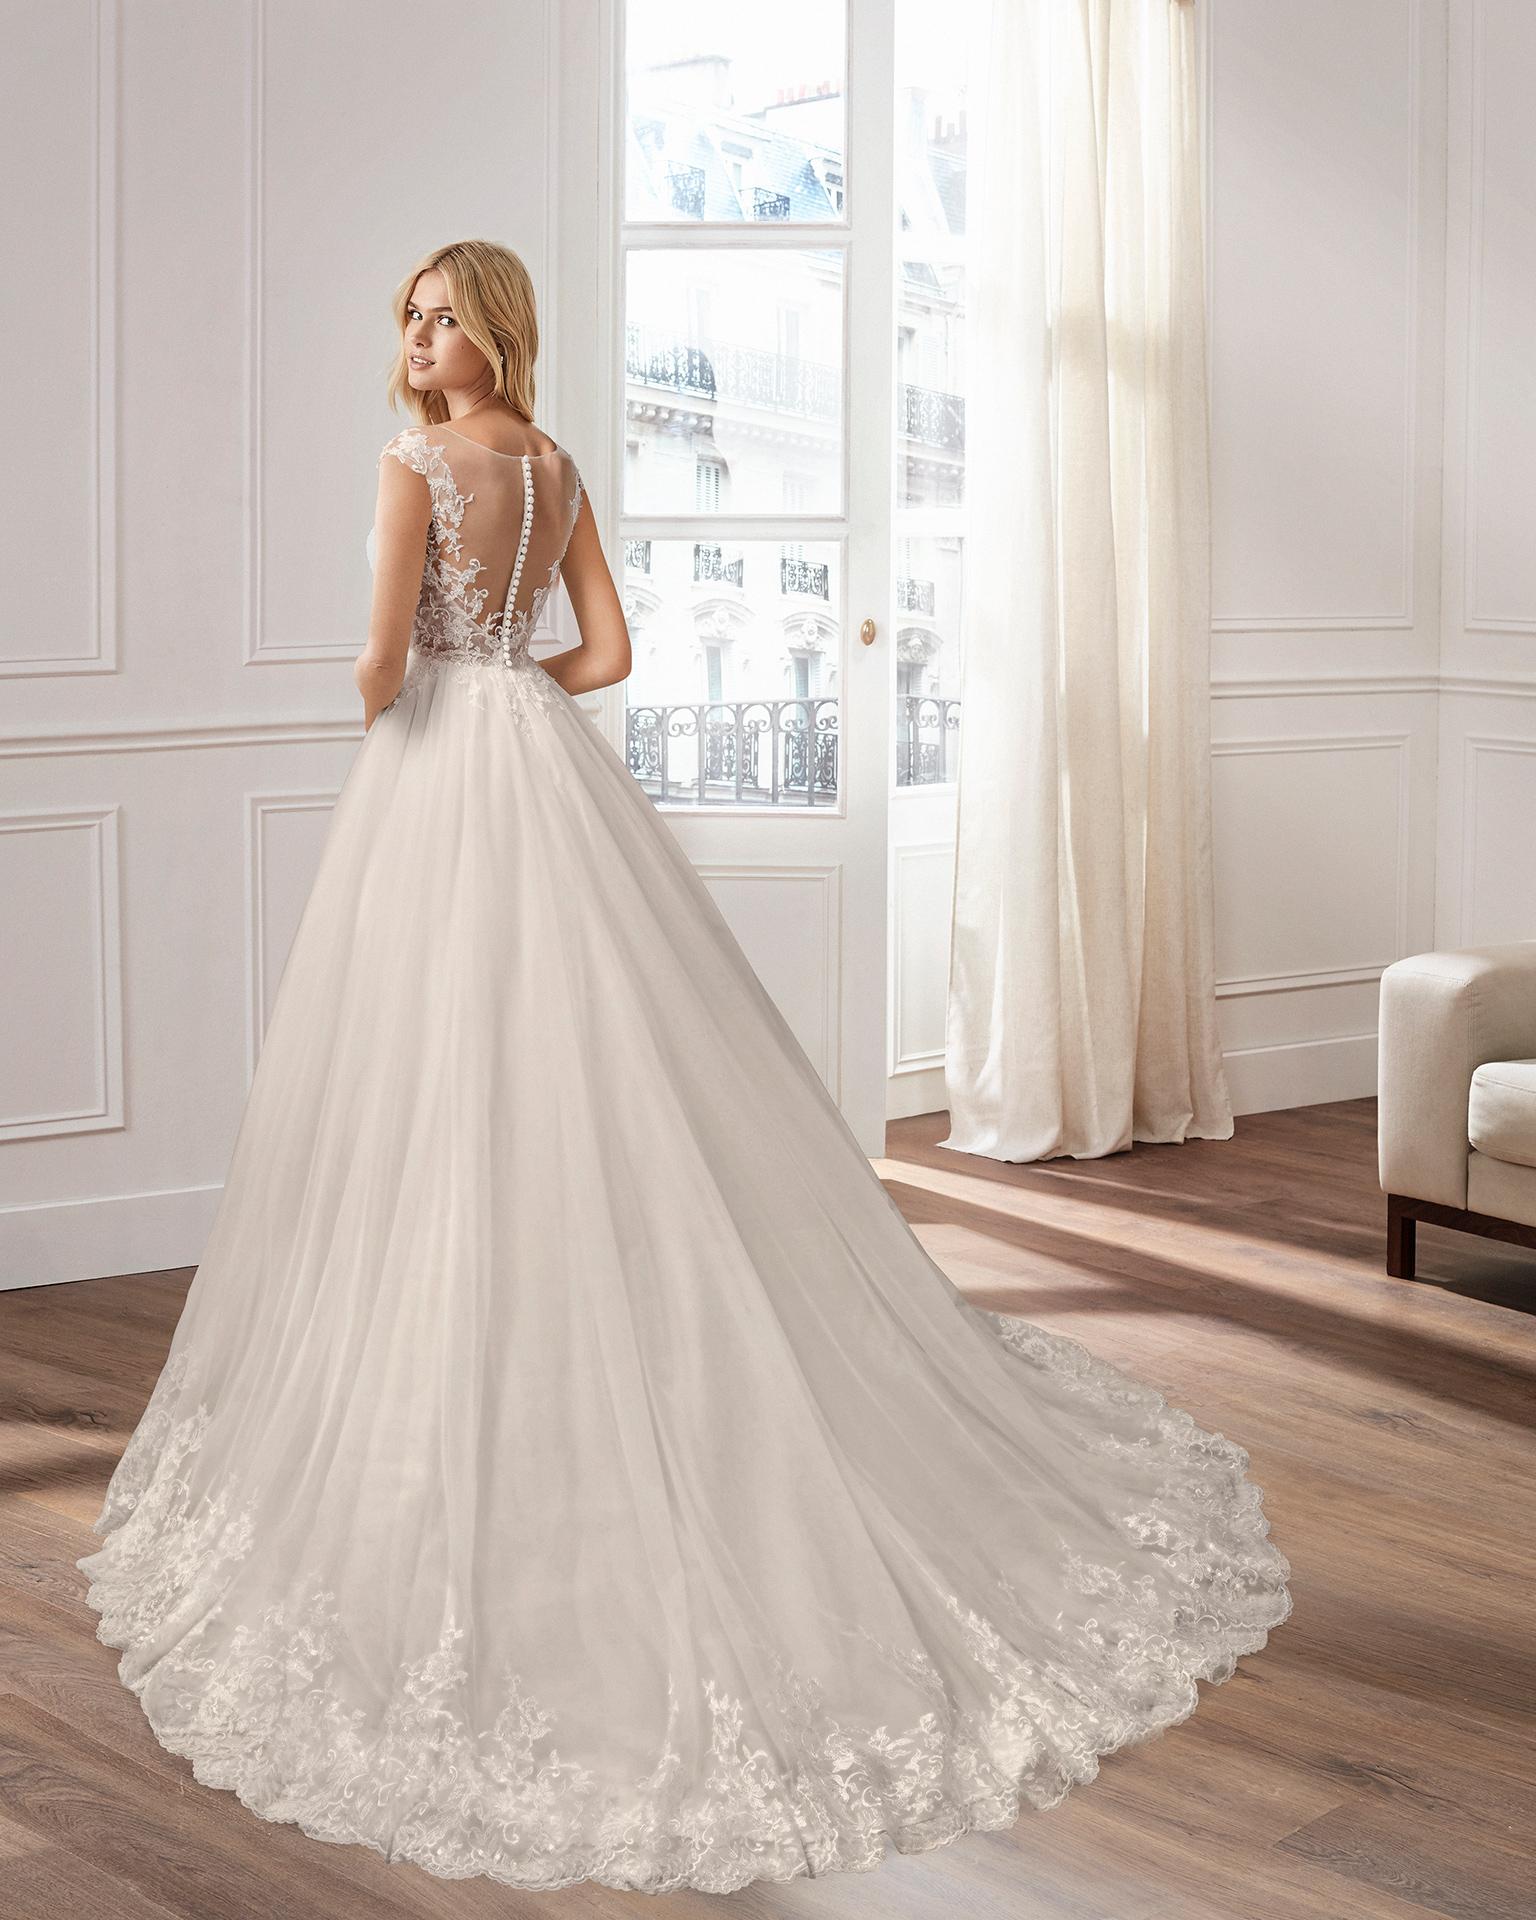 Vestido de novia estilo línea A en tul, encaje y pedrería, con escote V y espalda escotada.